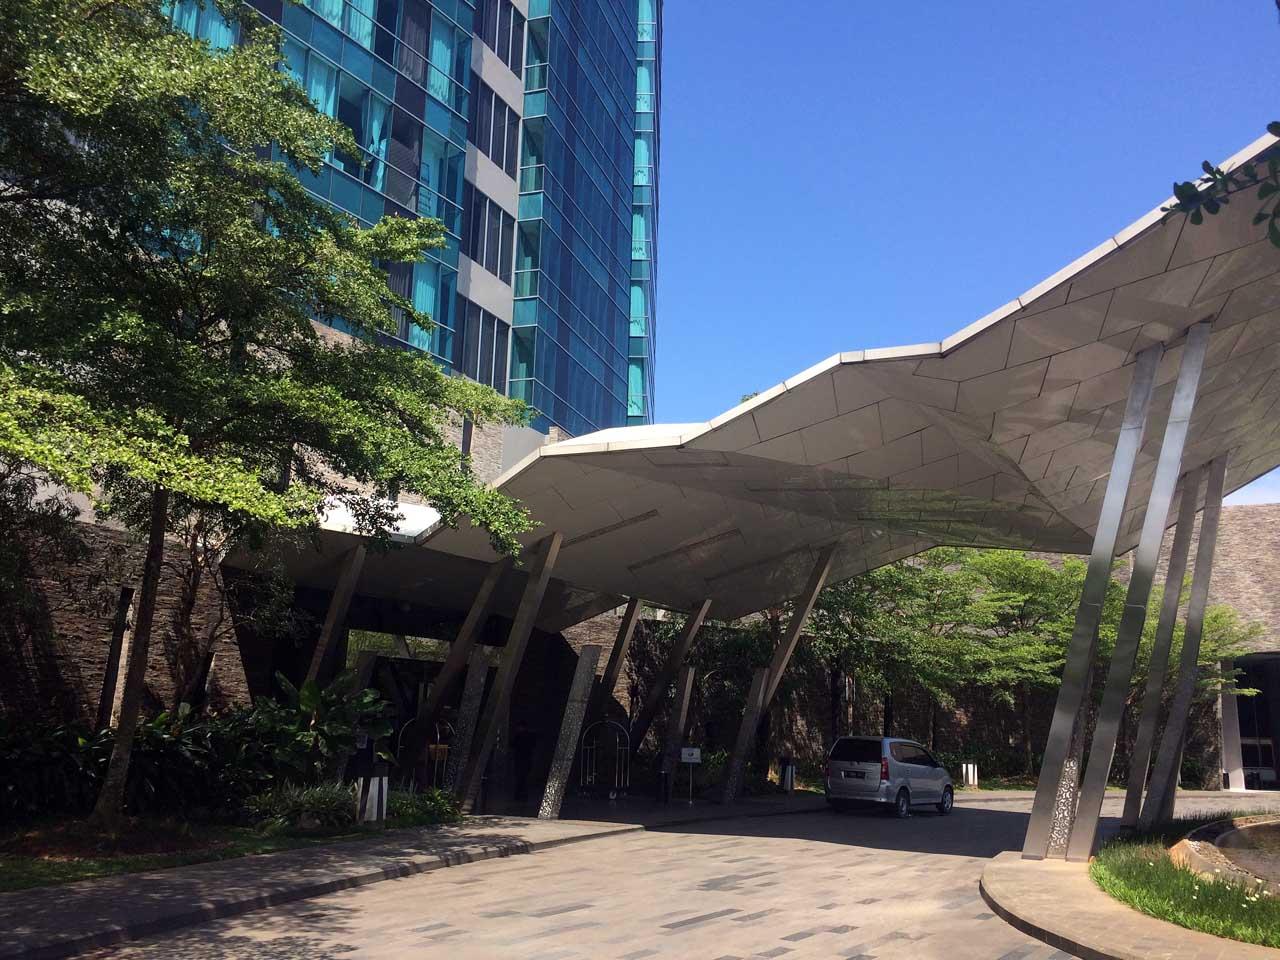 Hotel Novotel Bandar Lampung - Yopie Pangkey - iphone 5s